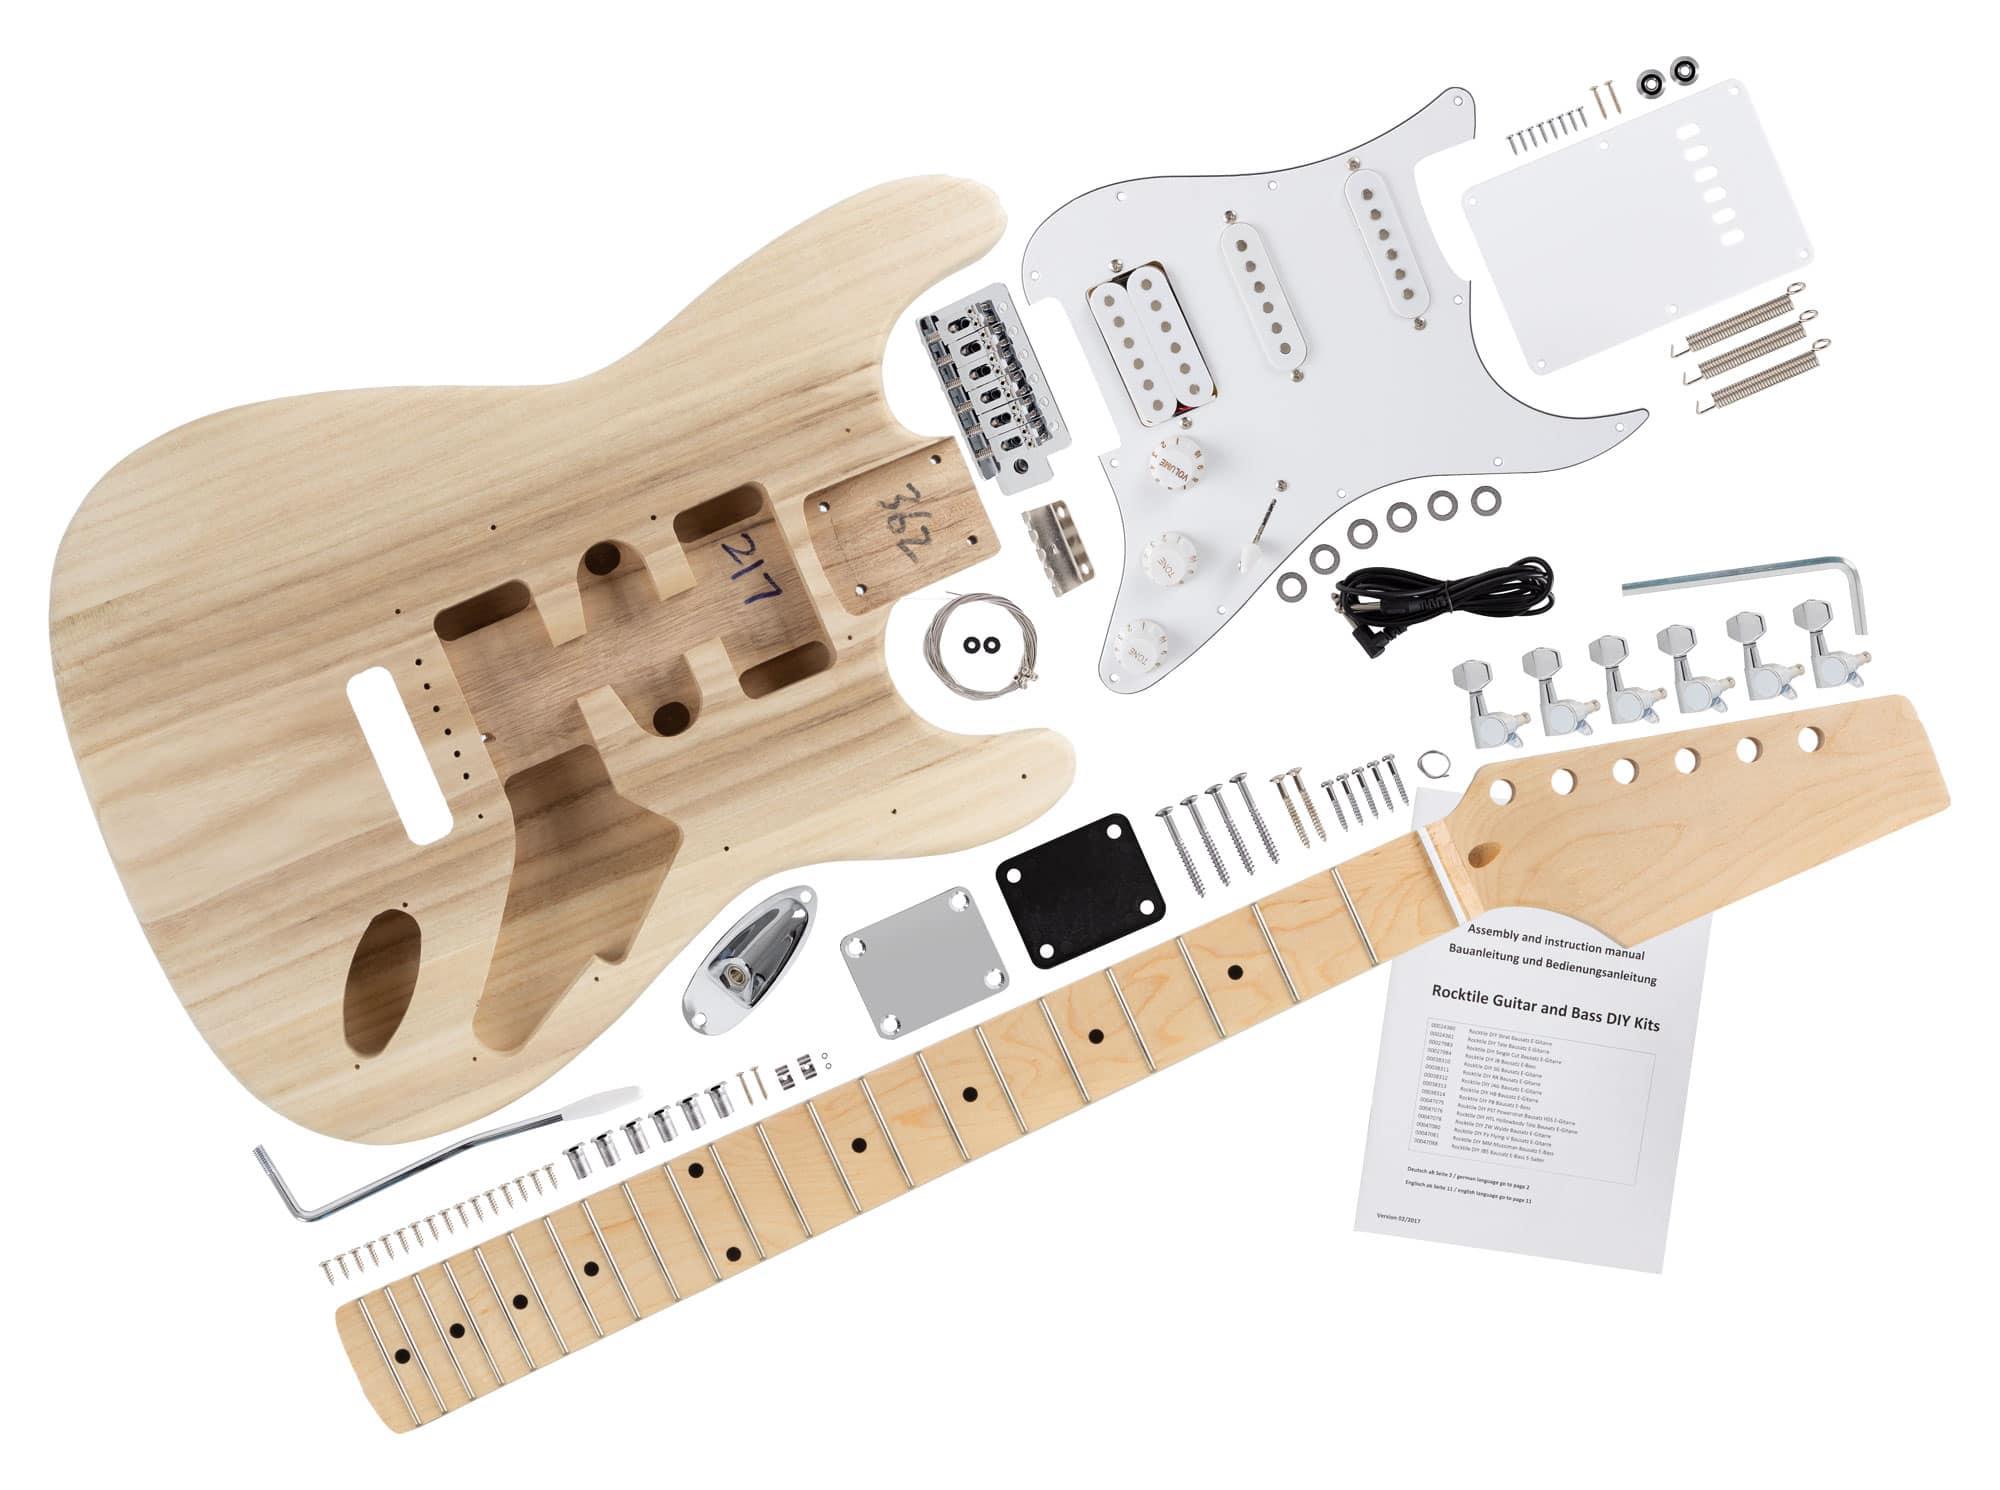 rocktile e gitarren bausatz pst style. Black Bedroom Furniture Sets. Home Design Ideas